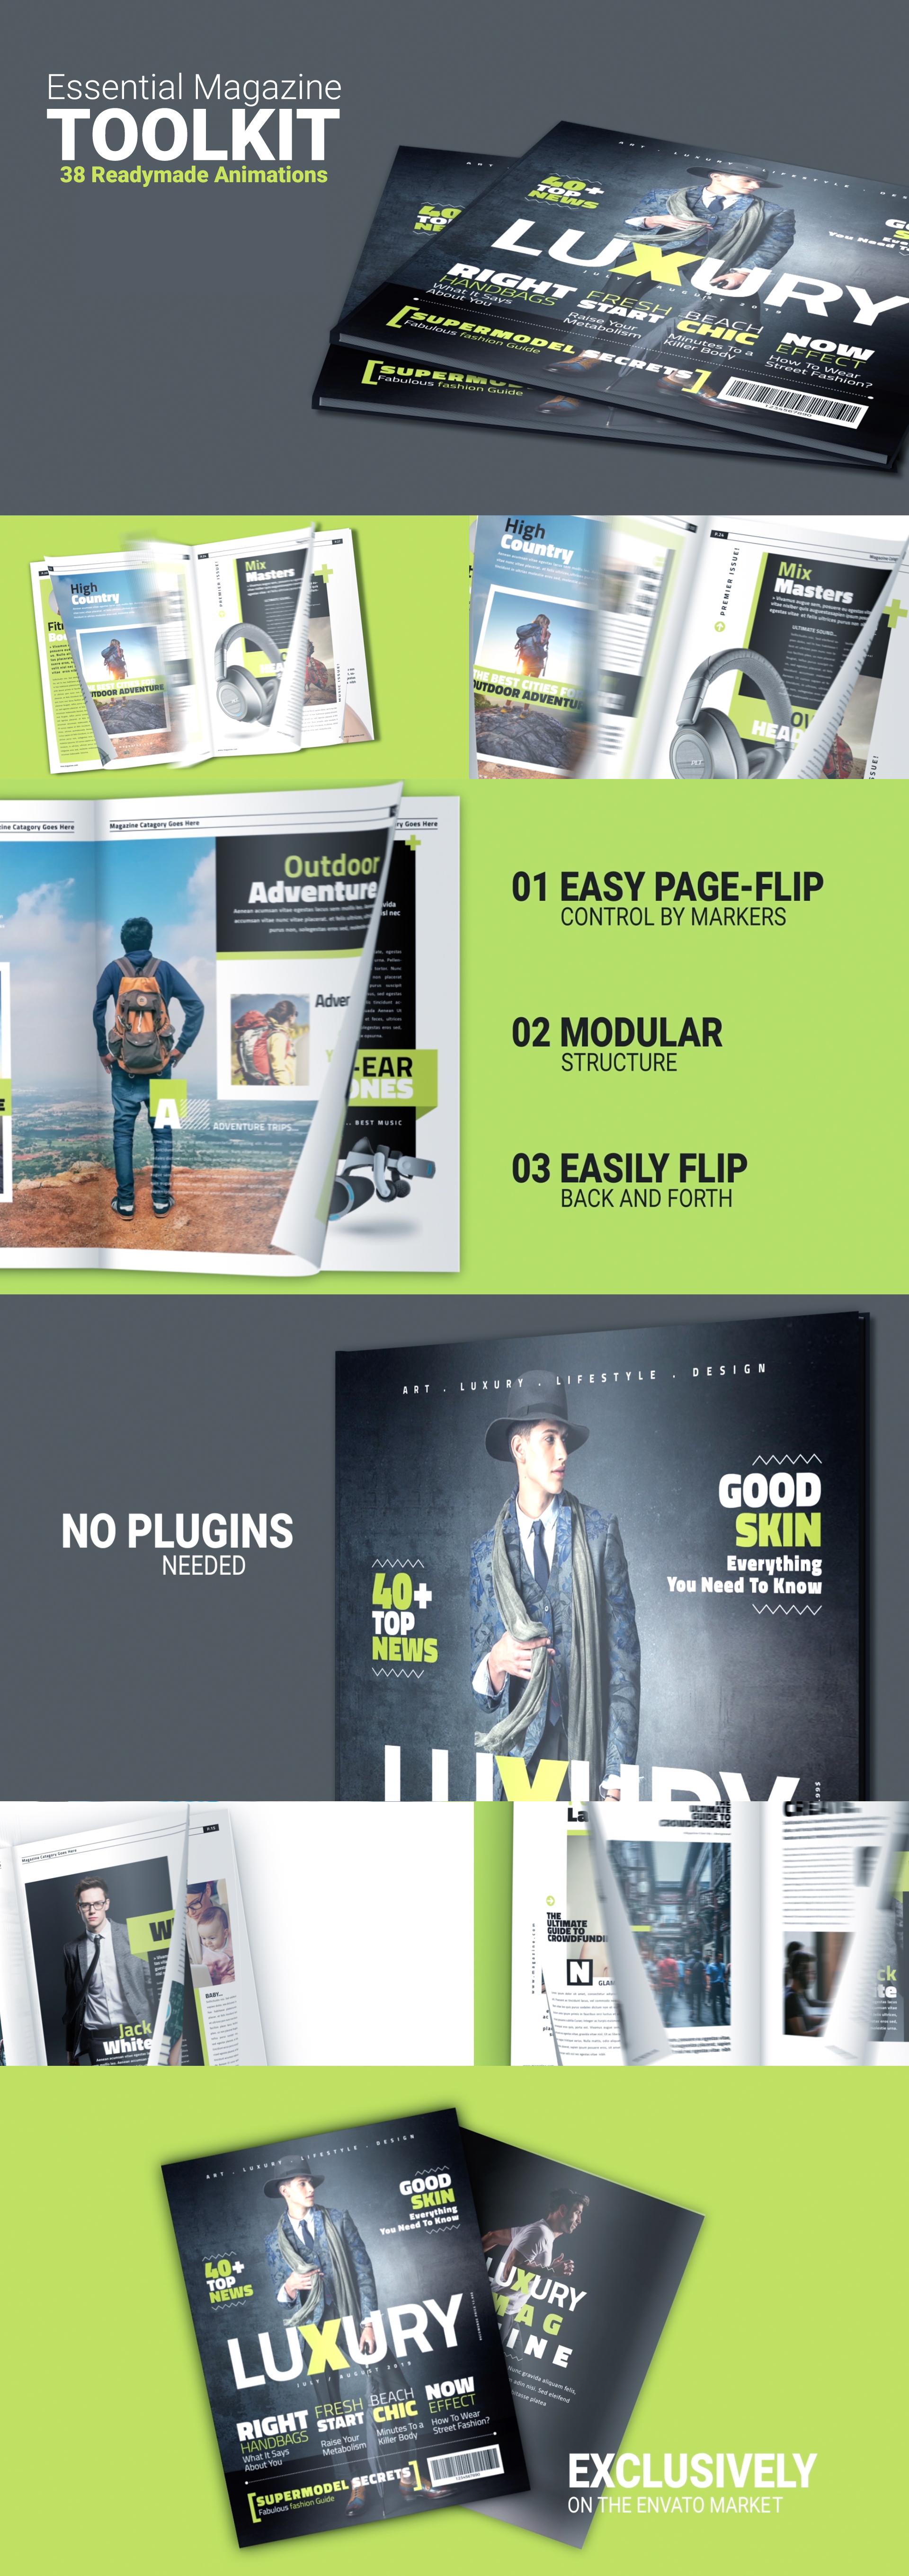 Essential Magazine Toolkit - 2